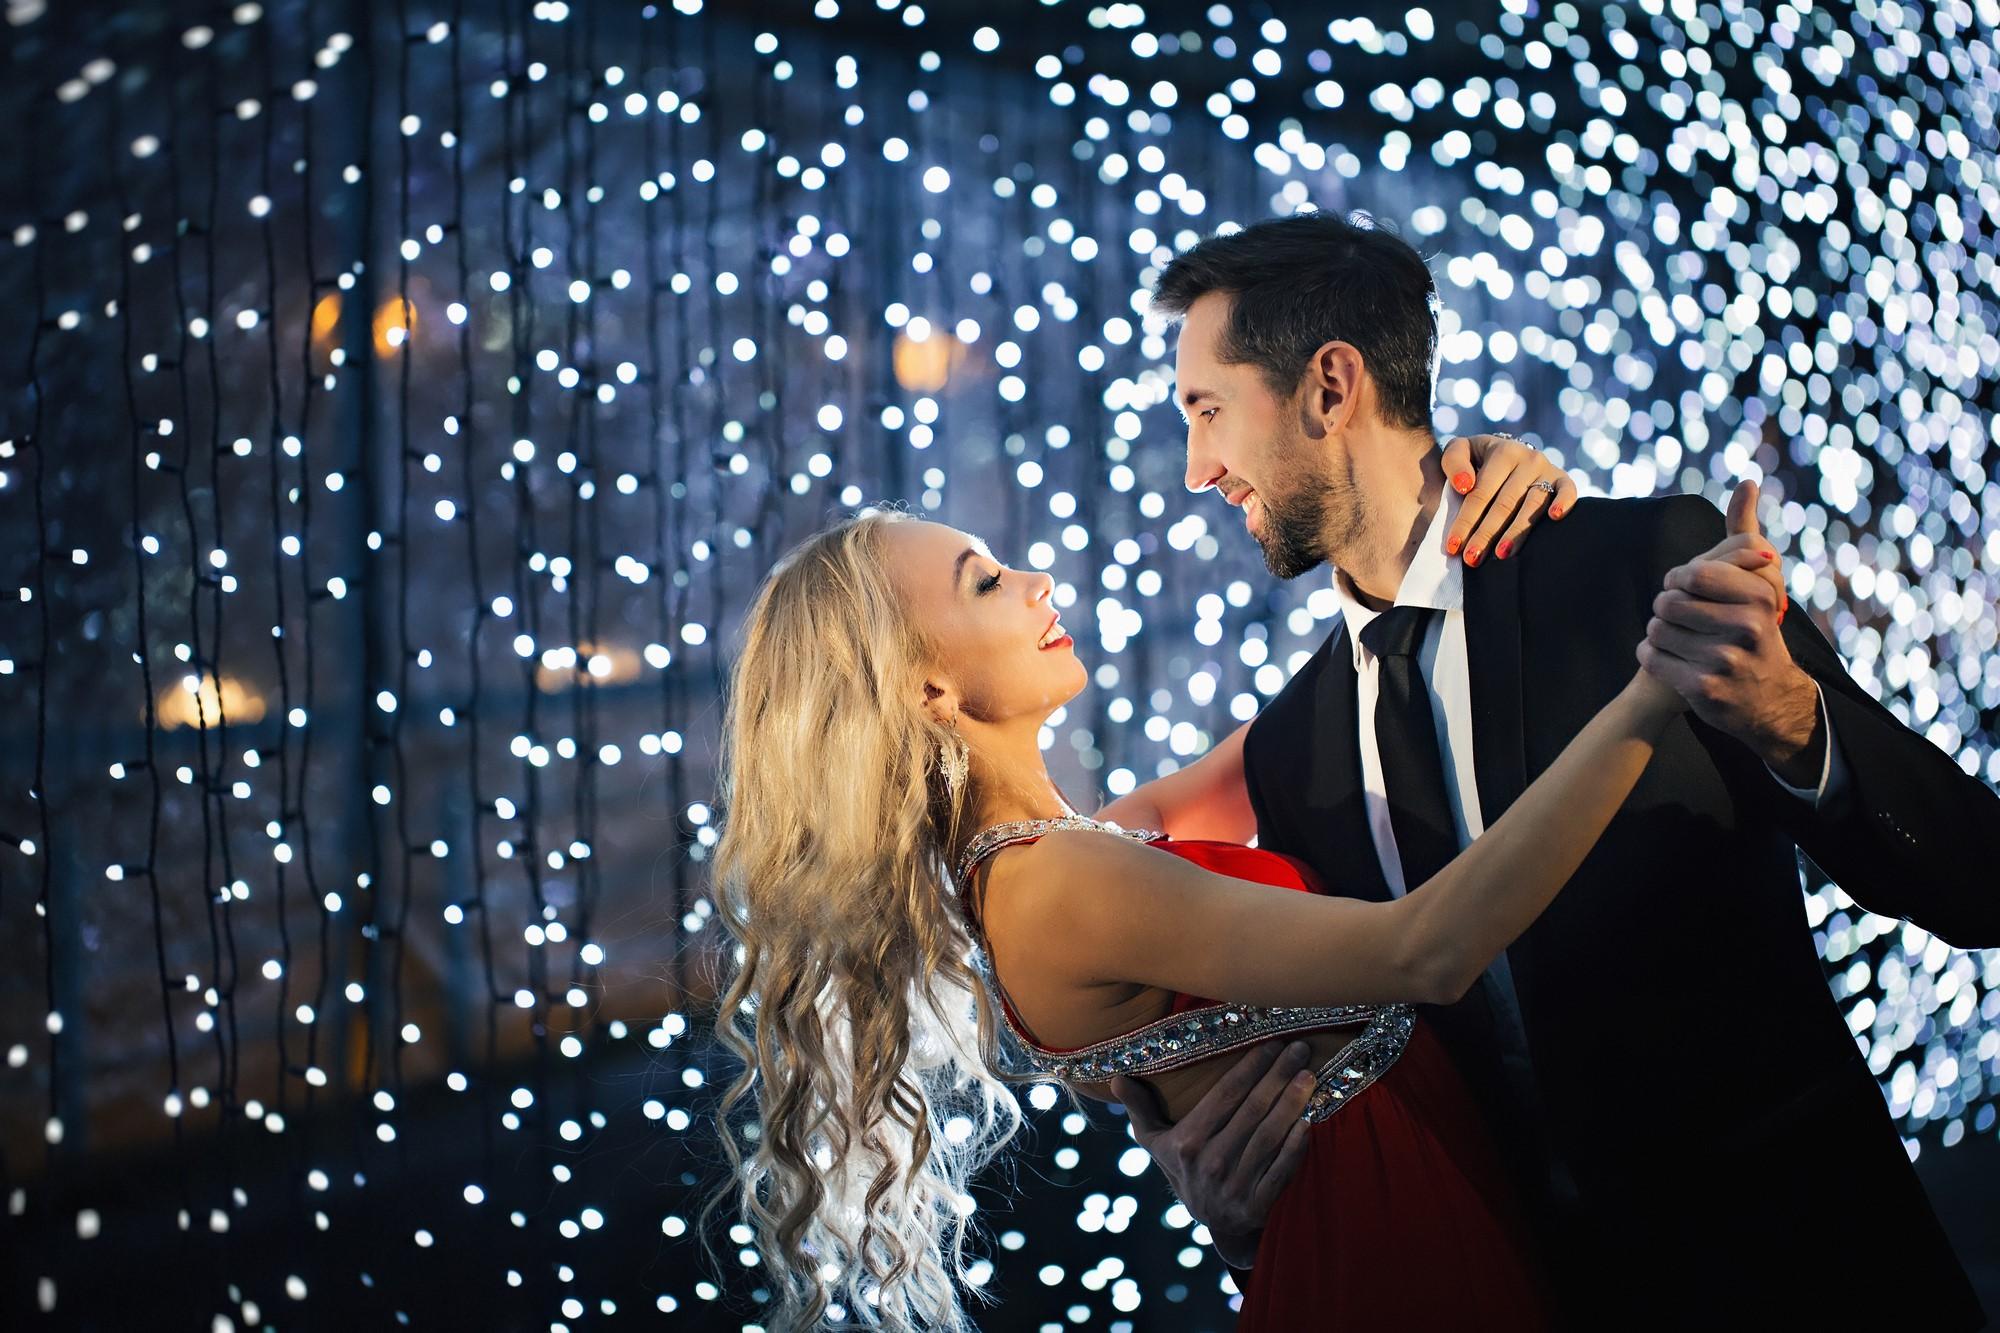 bb91e58335b4b08 Свадебное агентство Нижнего Новгорода - Love Story